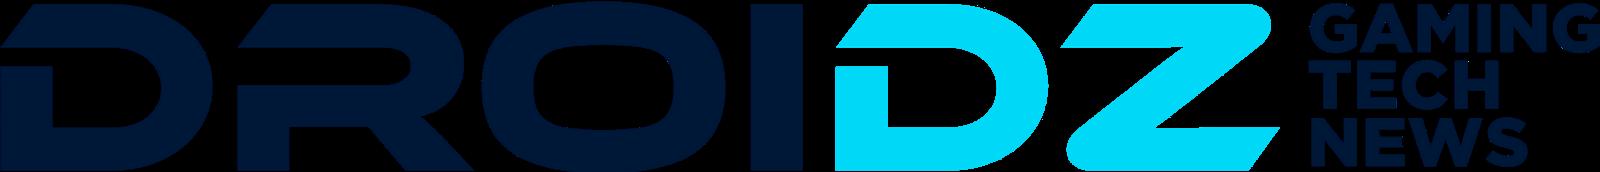 DroidZ ID